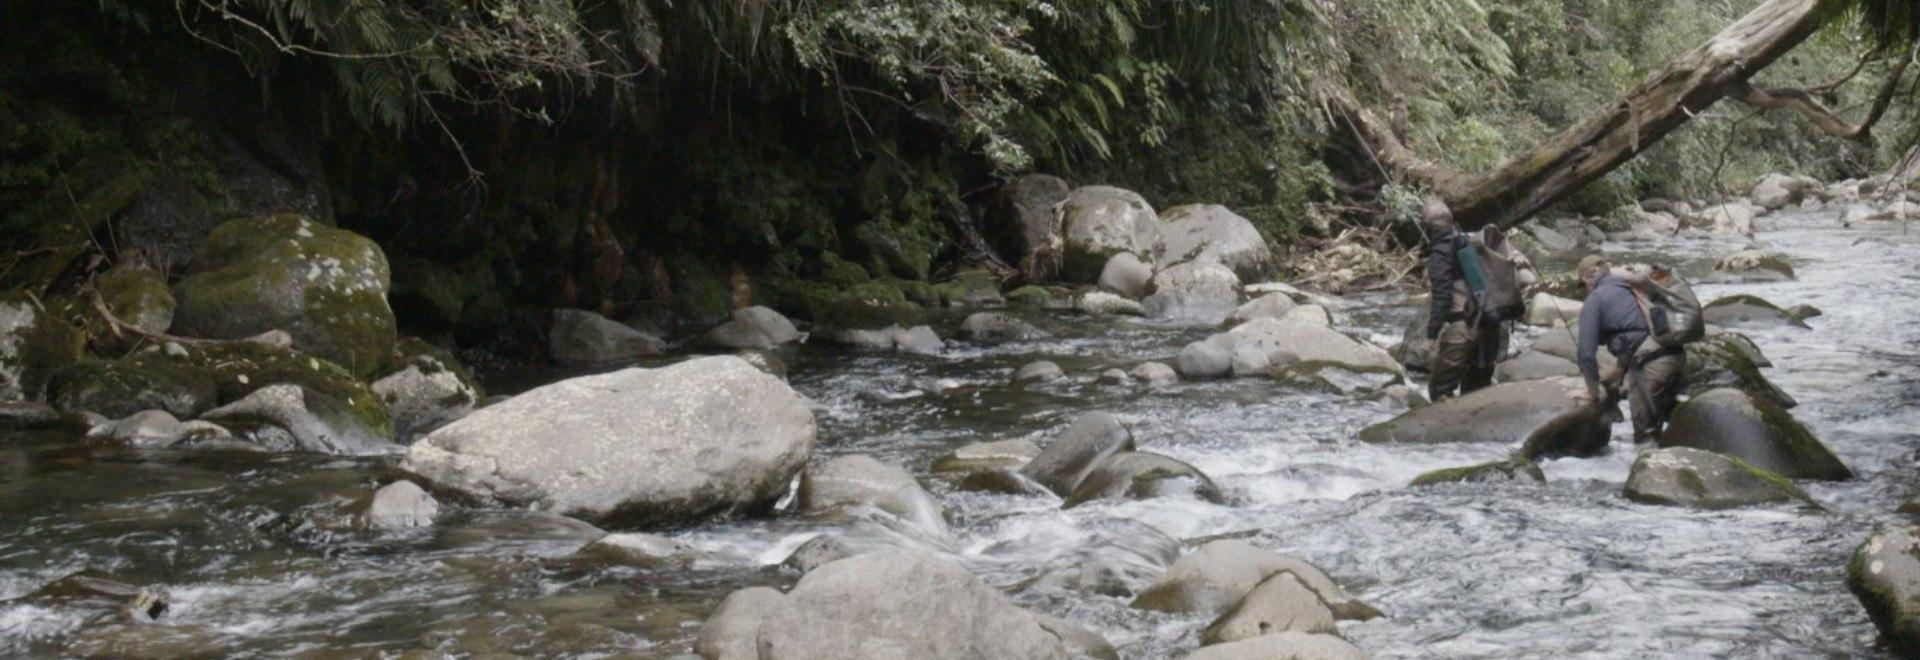 Pesca alla trote in canale. 2a parte